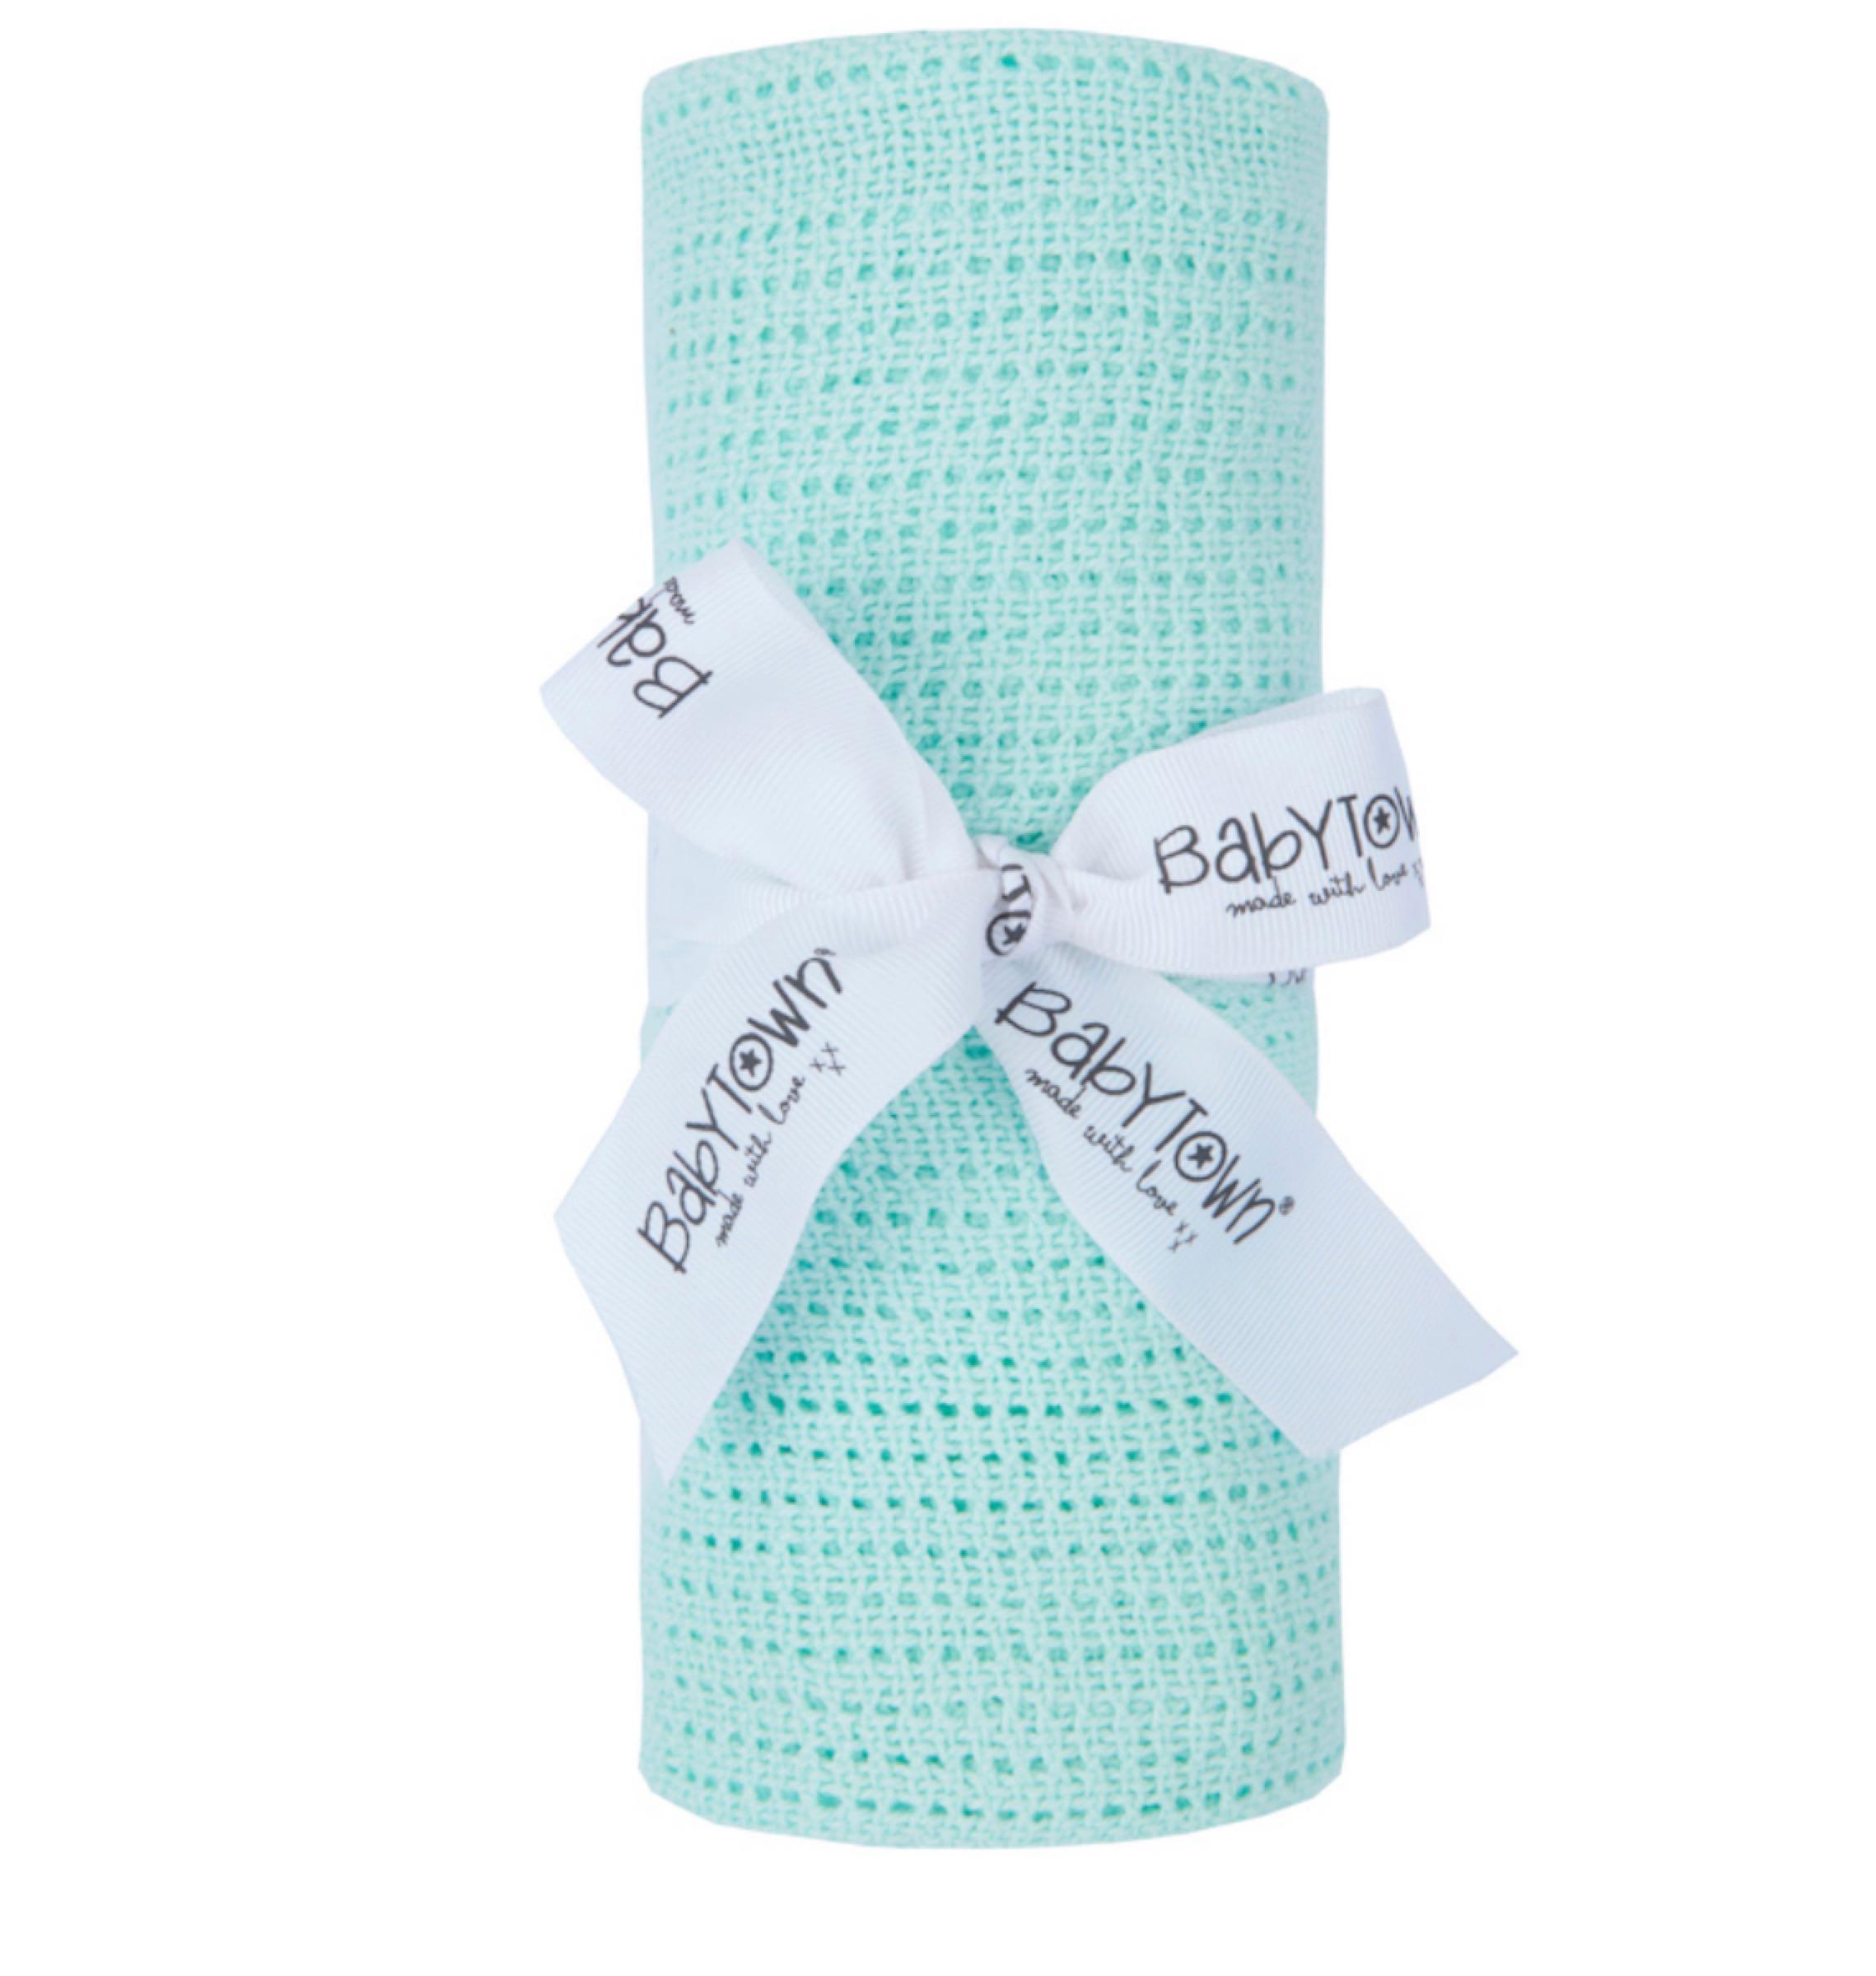 70x90 cellular blanket - mint